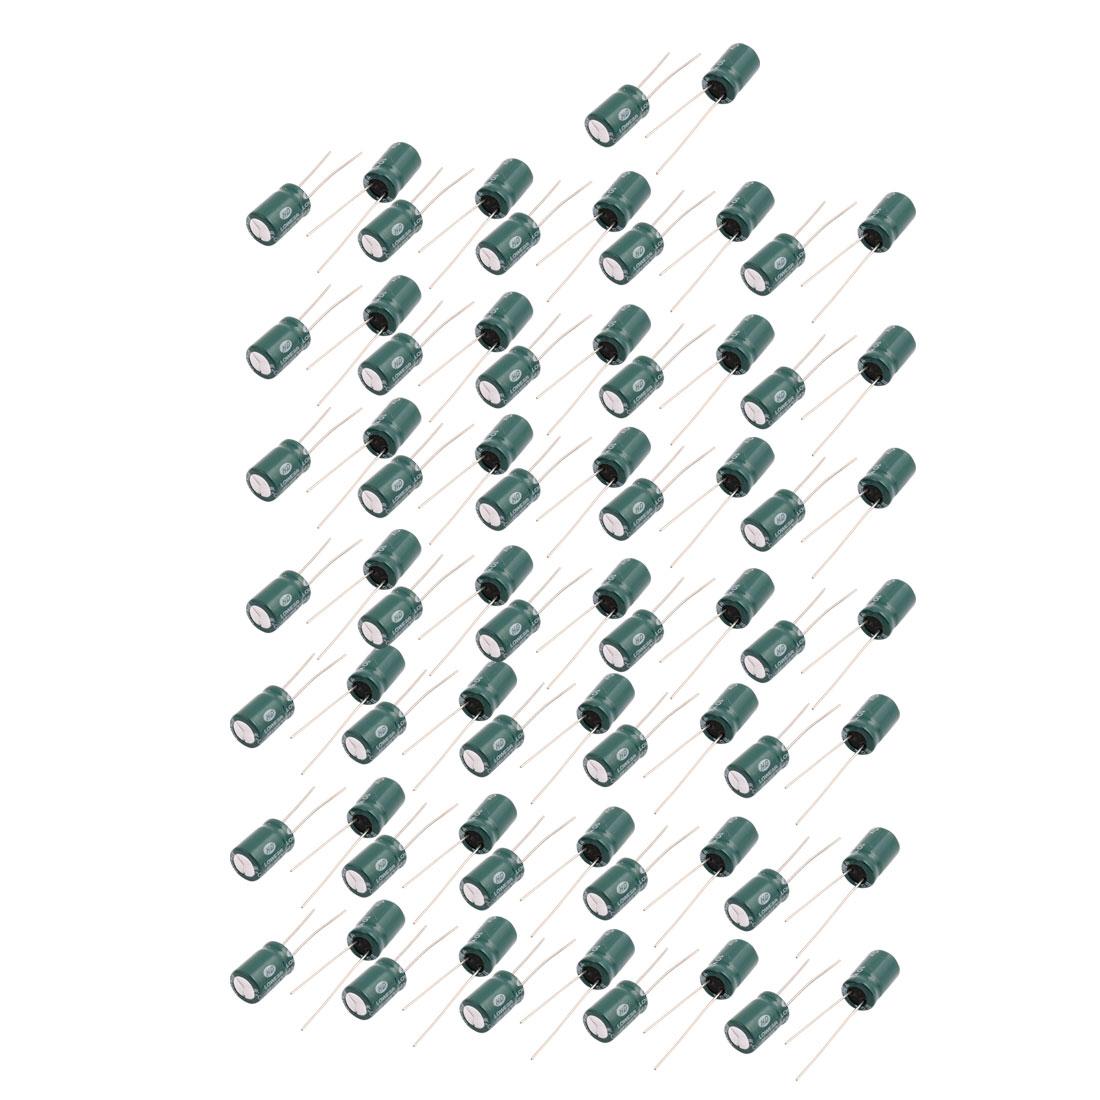 72Pcs 10V 470UF Aluminum Electrolytic Capacitors -40C - +105C degree Celsius 8.2x12.6mm